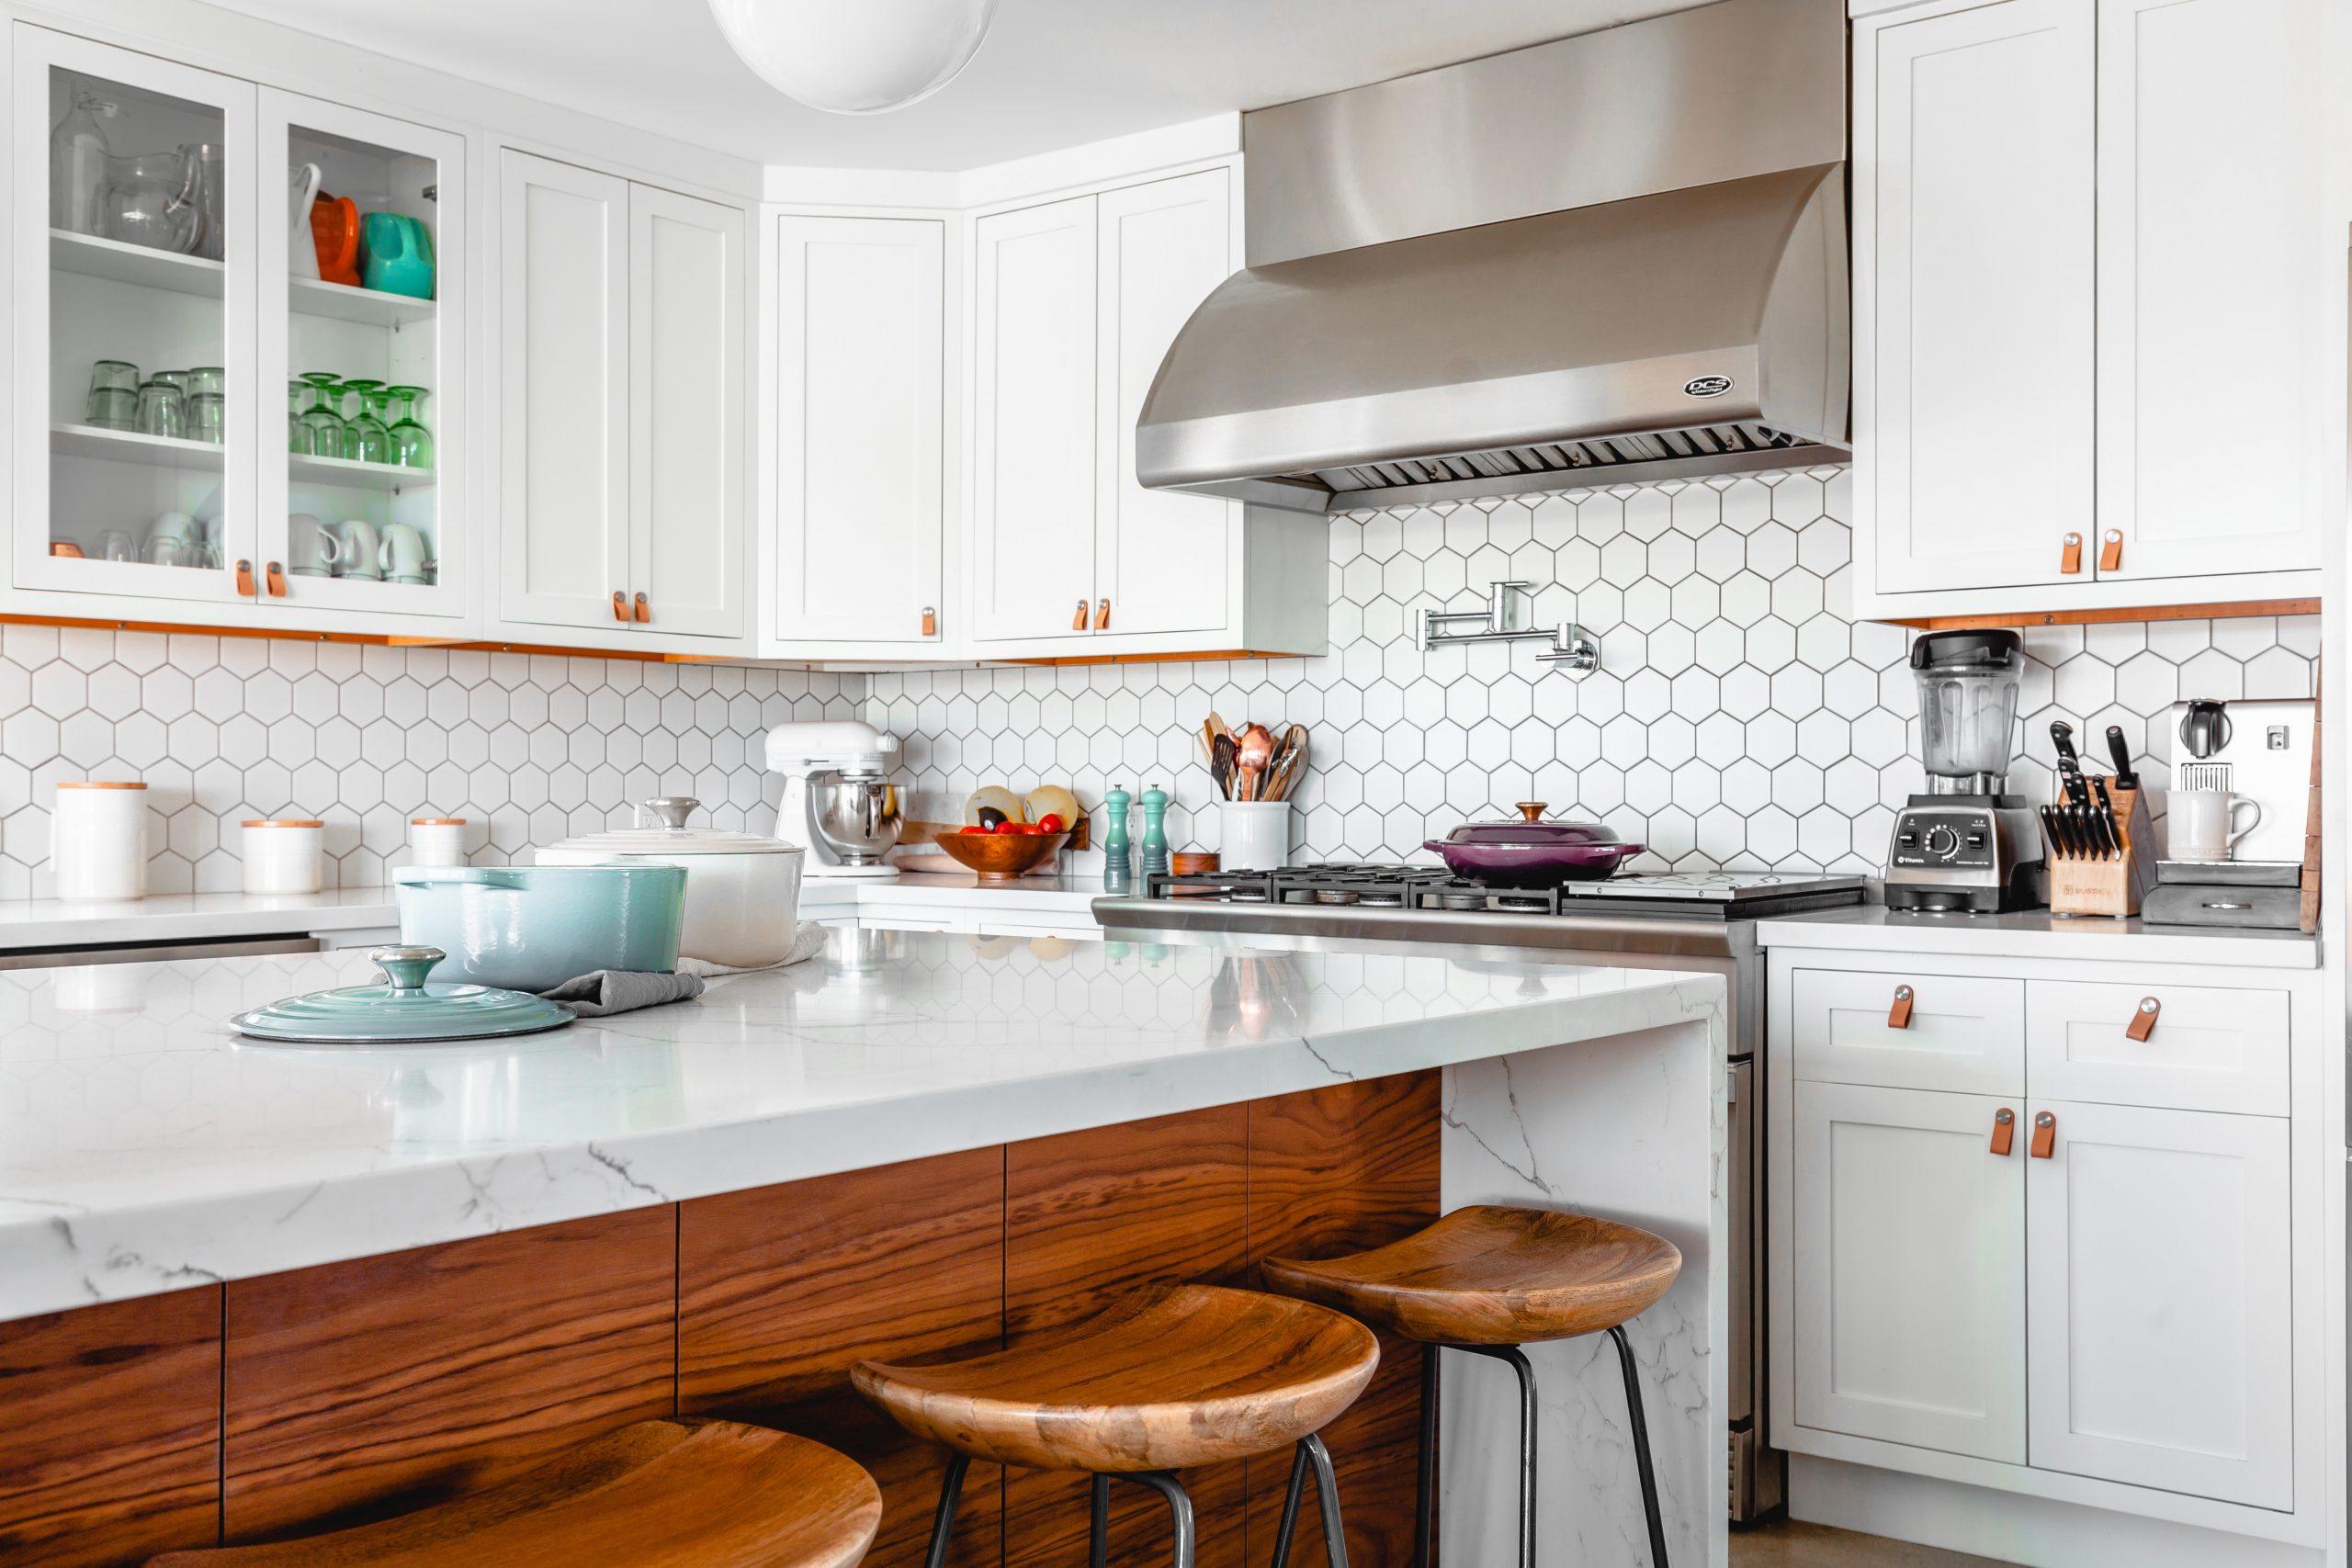 kitchen-scaled-1.jpg